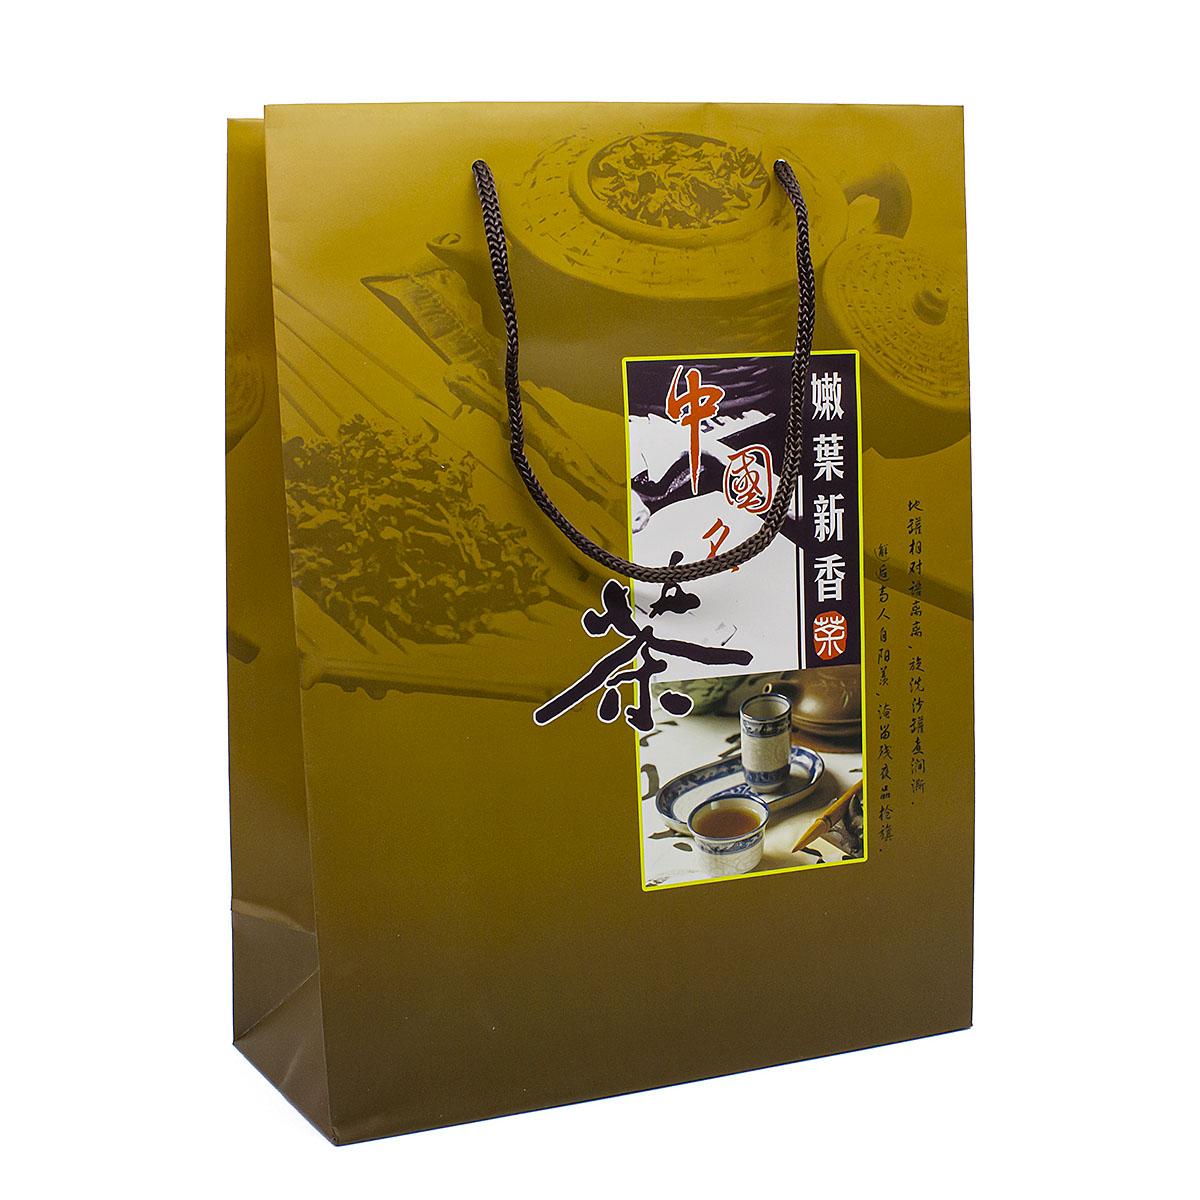 Фото - Пакет подарочный Чайный бутик, 31х23 см пакет подарочный новогодние игрушки 23 15 см